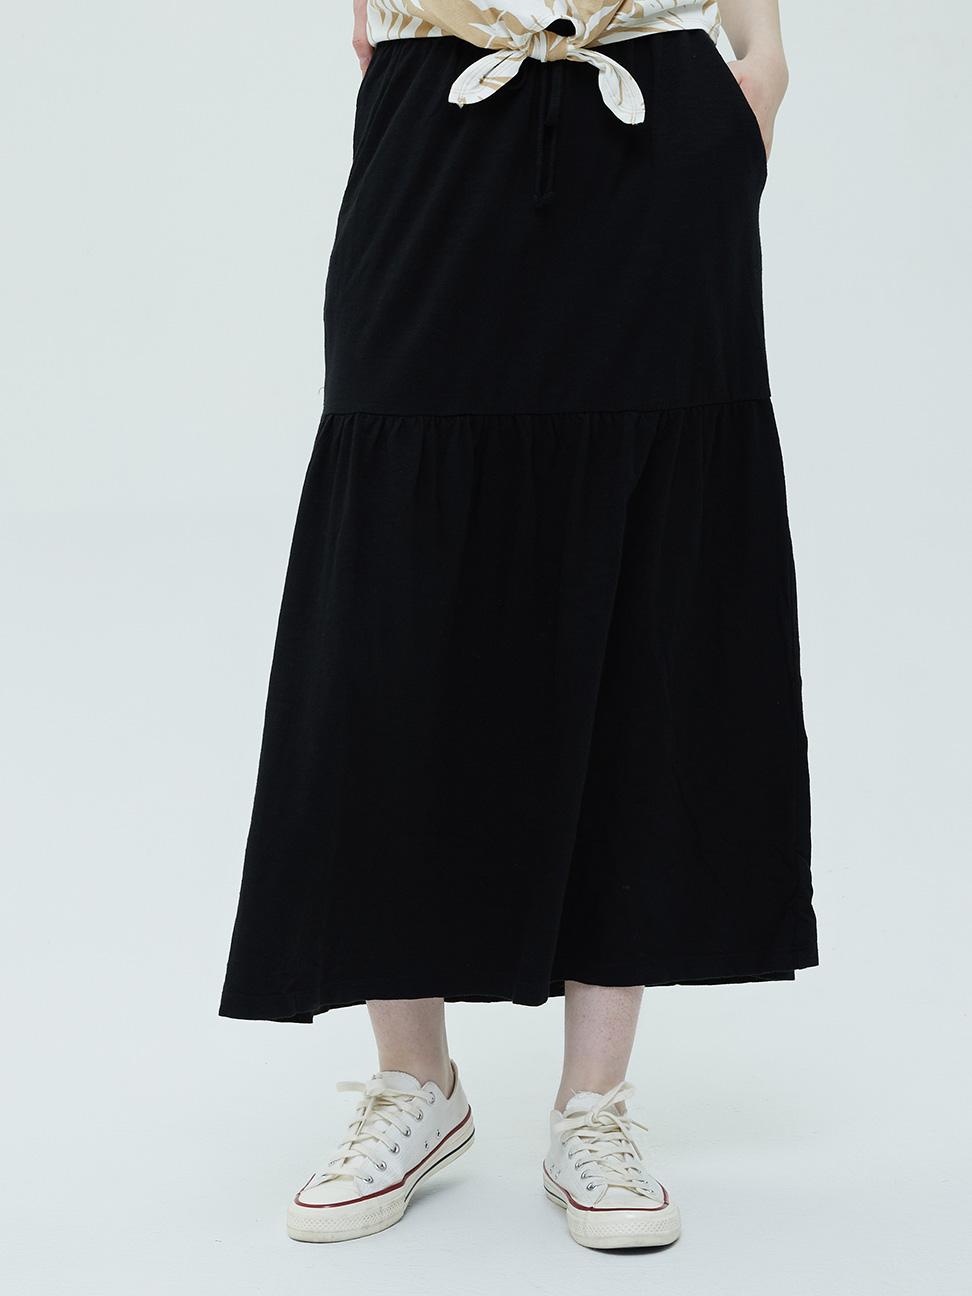 女裝 莫代爾透氣寬鬆繫帶長裙